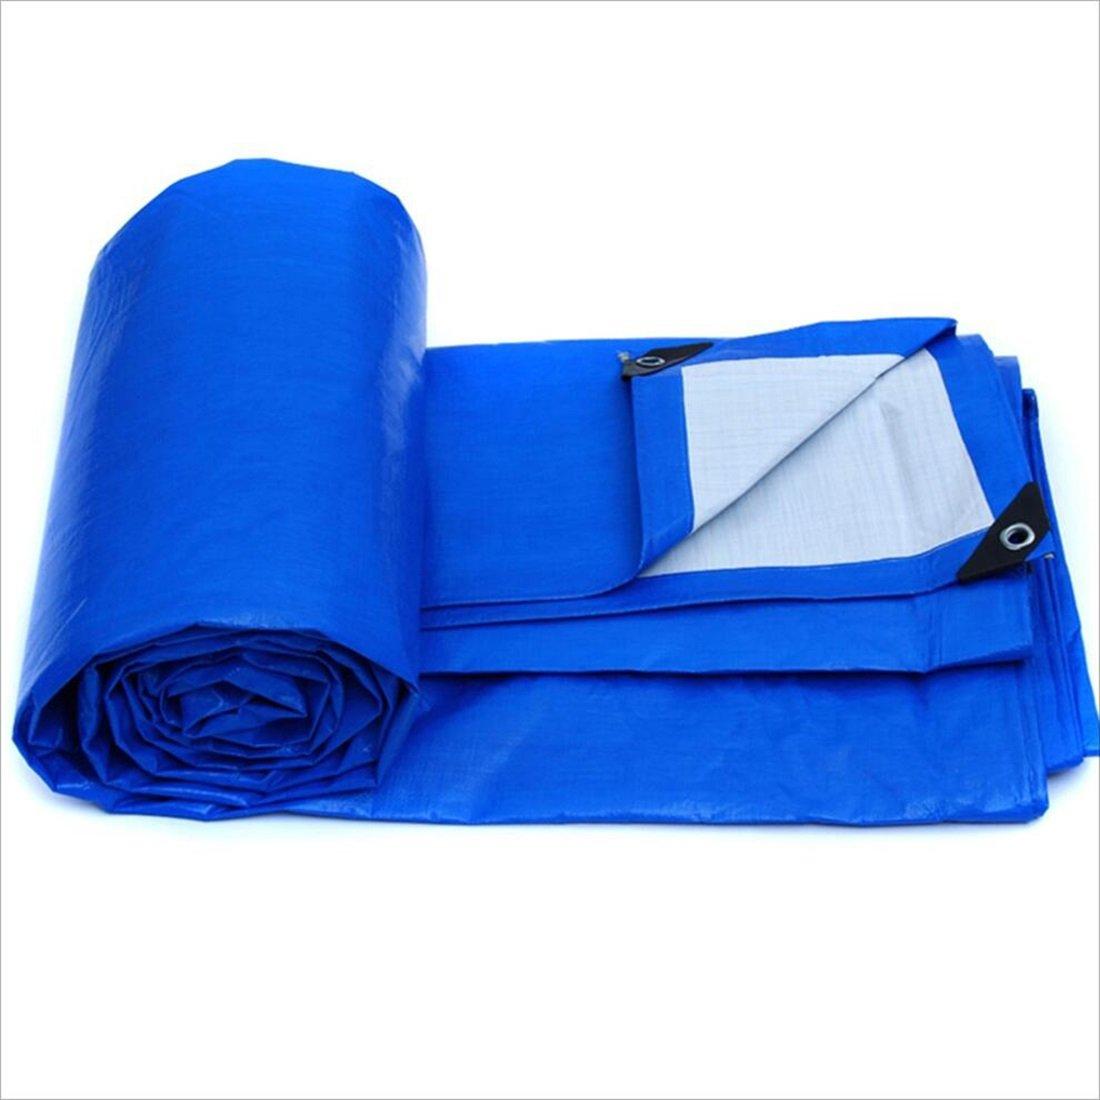 DNSJB Kantenschutz, Outdoor-Sonnenschutz, LKW-Plane, Leicht zu Falten, in Verschiedenen Größen erhältlich, Blau, Hochwertige Plane (Größe   6m × 4m)